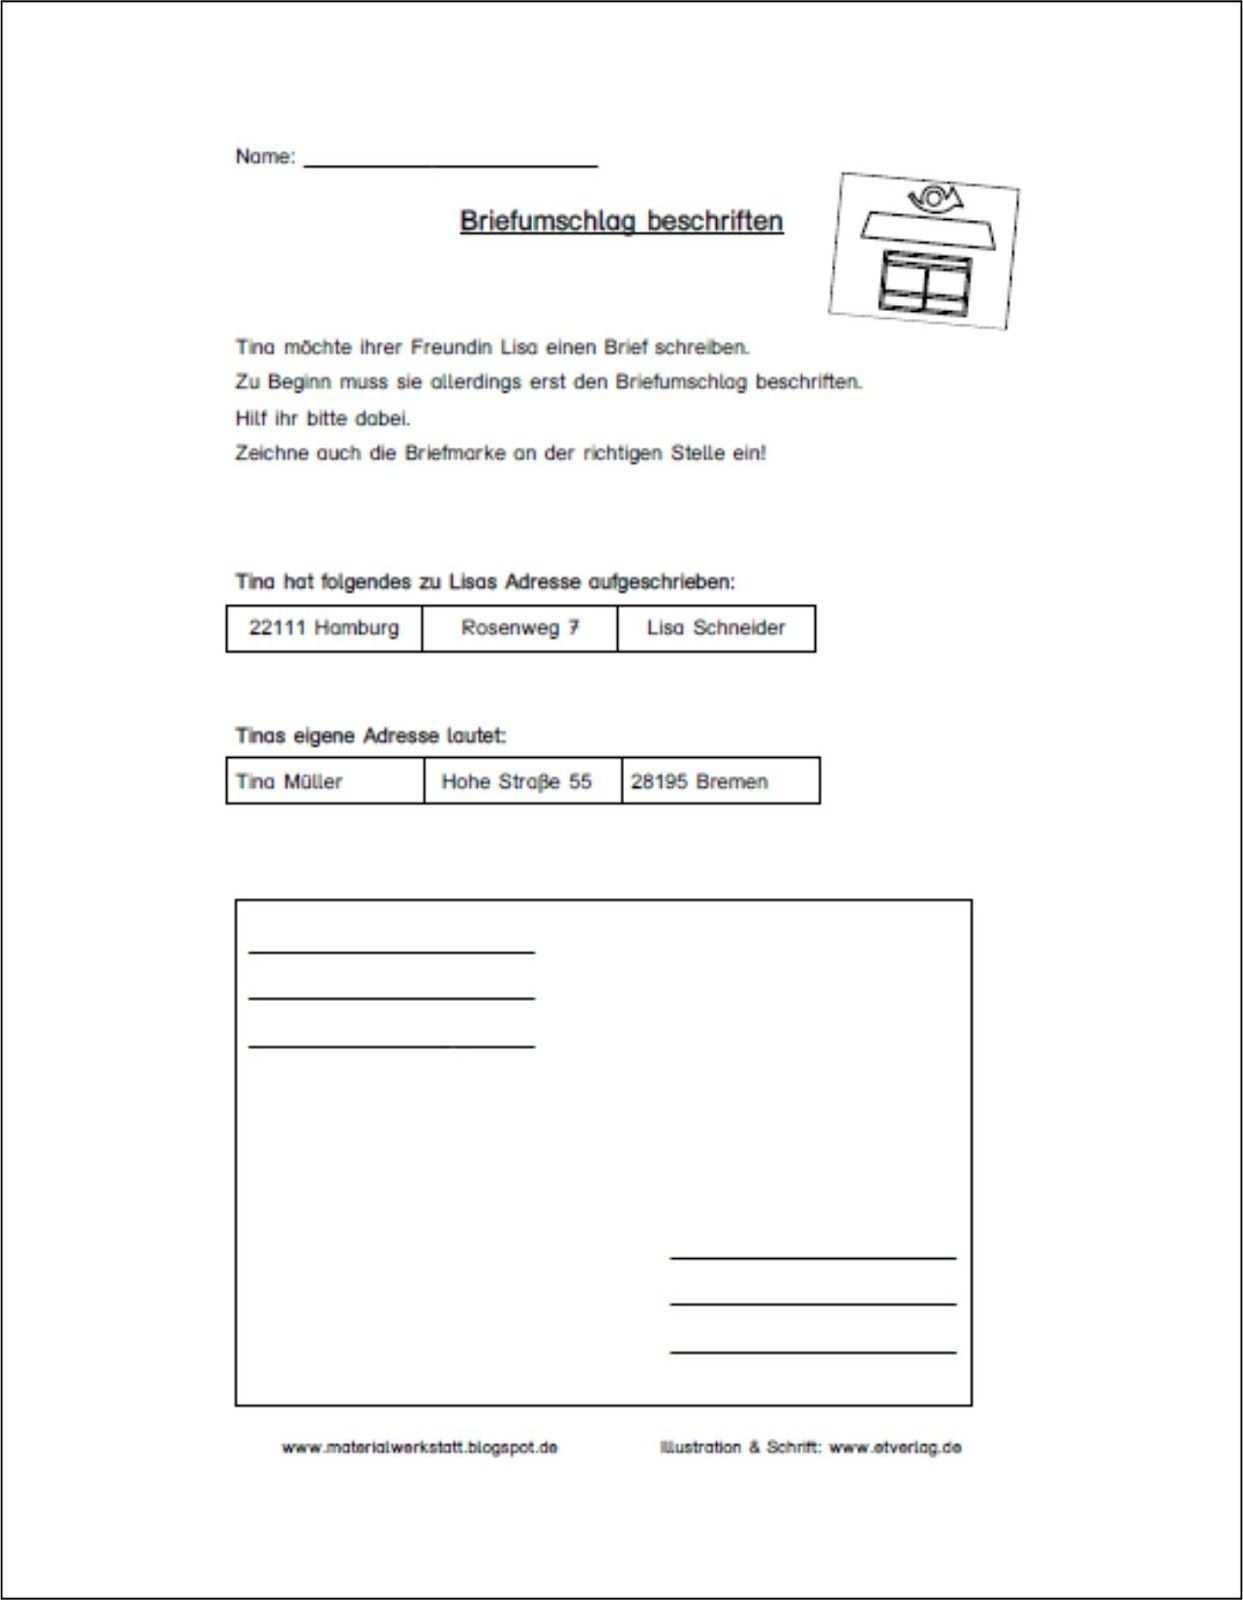 Unterrichtsmaterialien Ideen Tipps Fur Die Grund Und Forderschule Brief Schreiben Grundschule Briefe Schreiben Aufsatz Themen